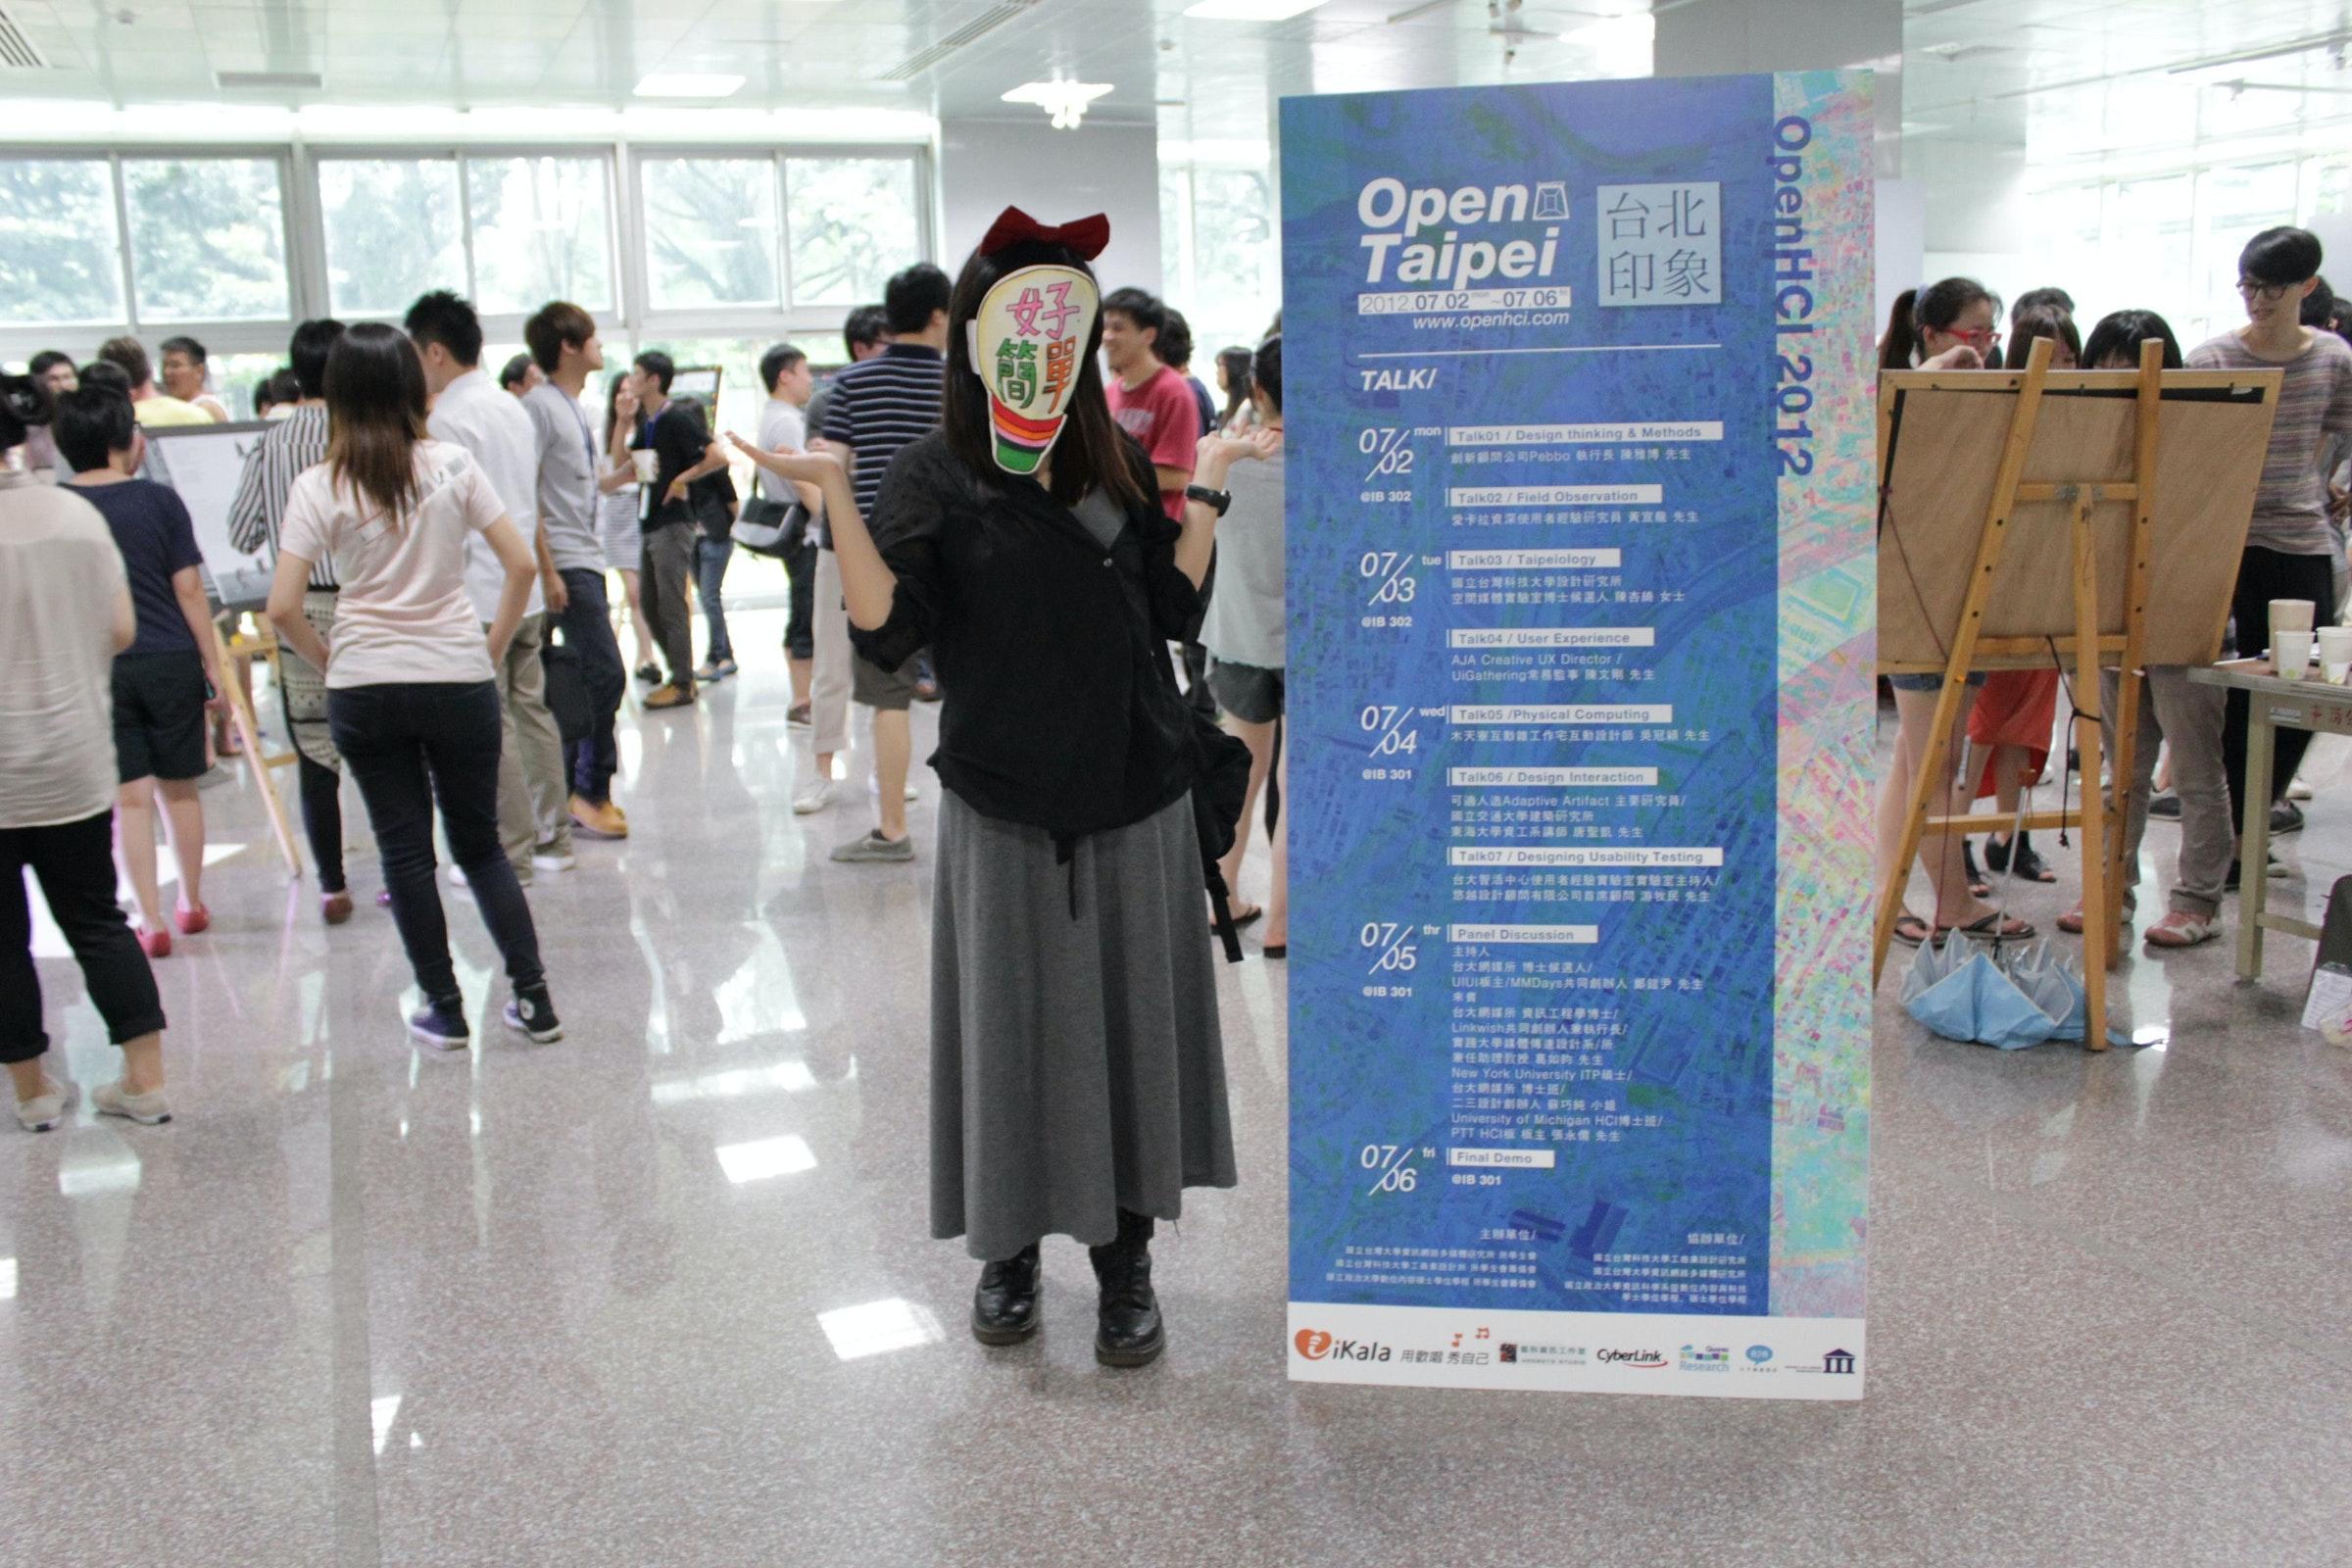 是【好簡單小姐專欄】OpenHCI人機互動小遊記這篇文章的首圖